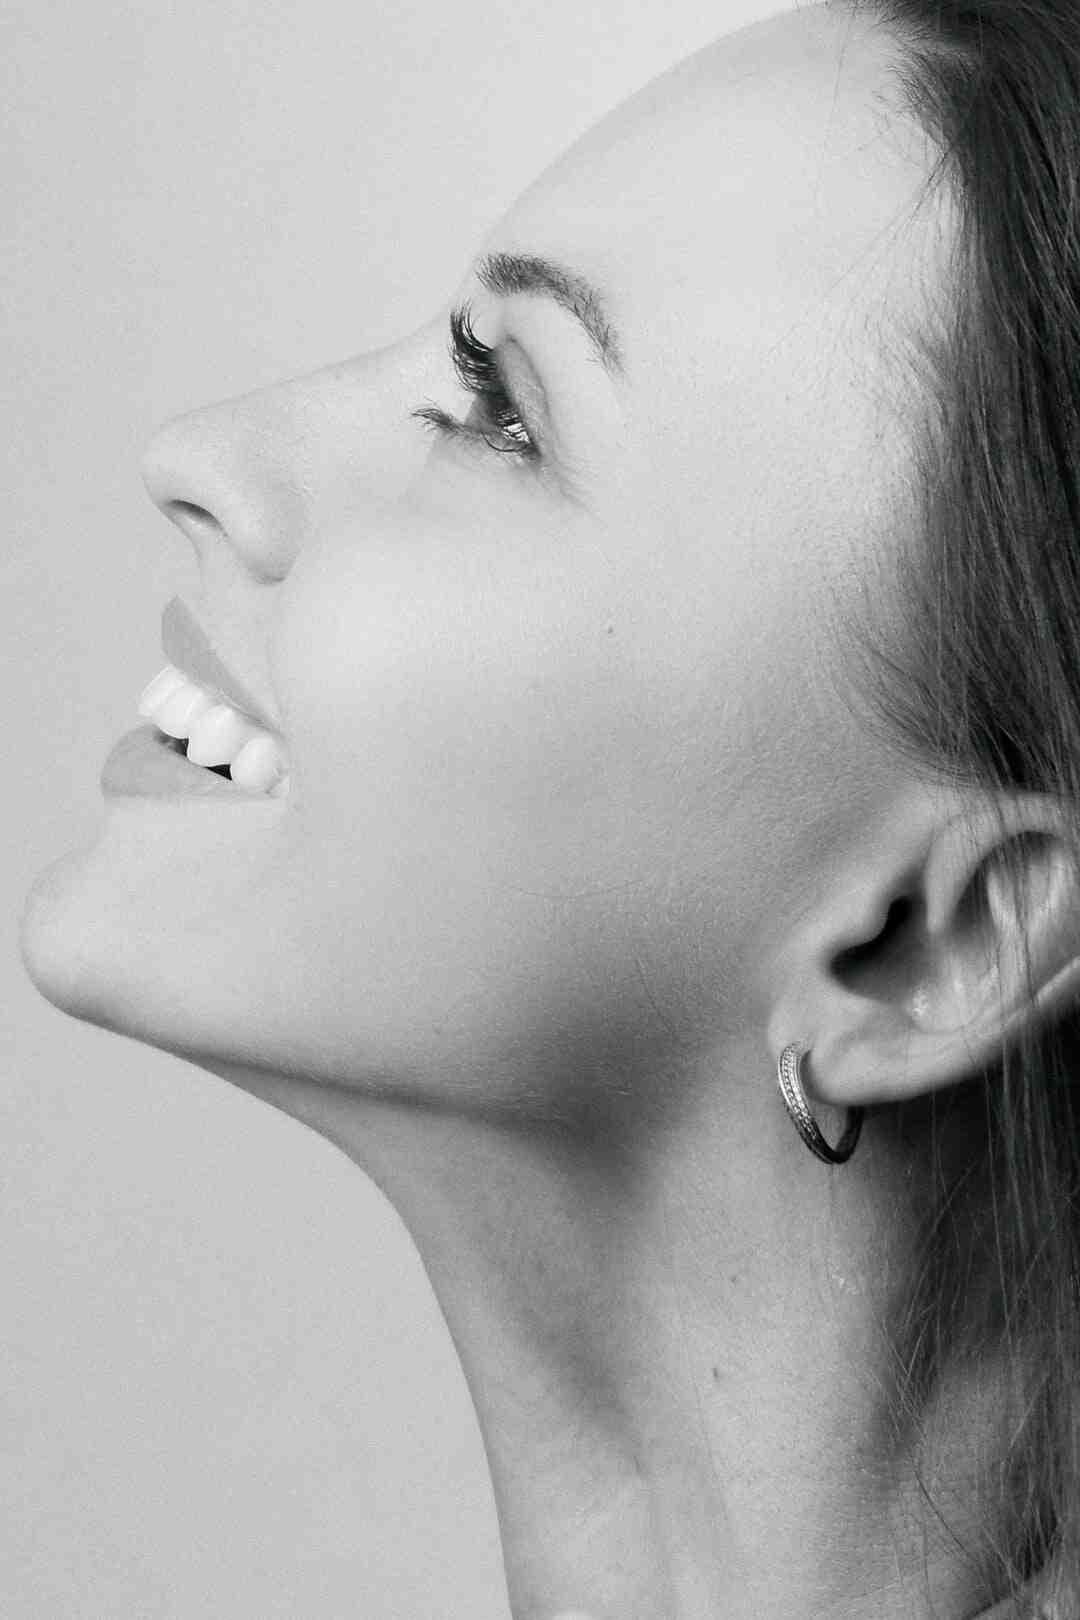 Comment arrêter de se curer le nez